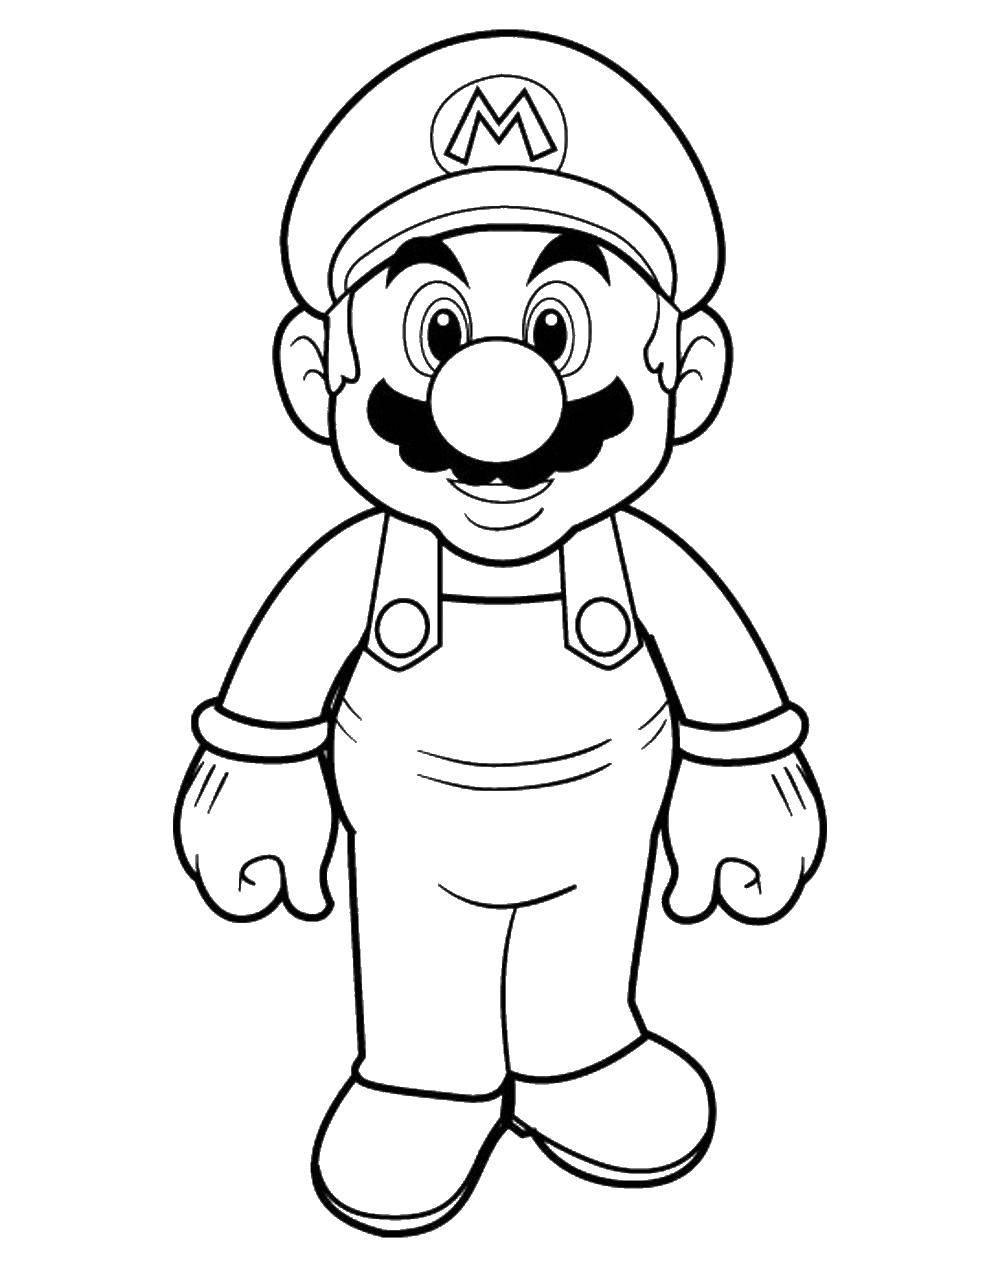 Раскраска Супер марио. Скачать Марио, игры, сега.  Распечатать ,марио,